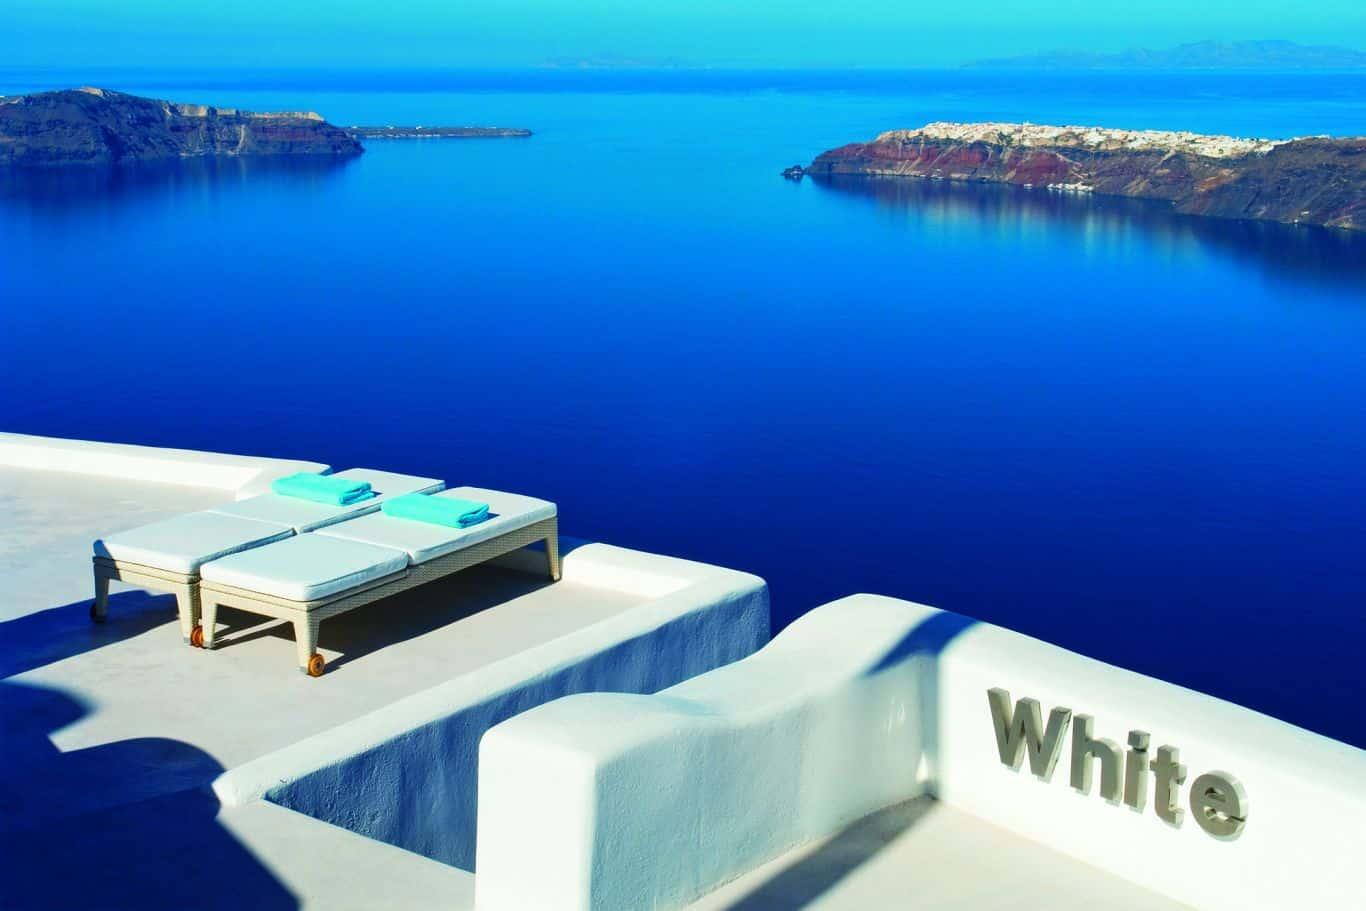 Witte Santorini